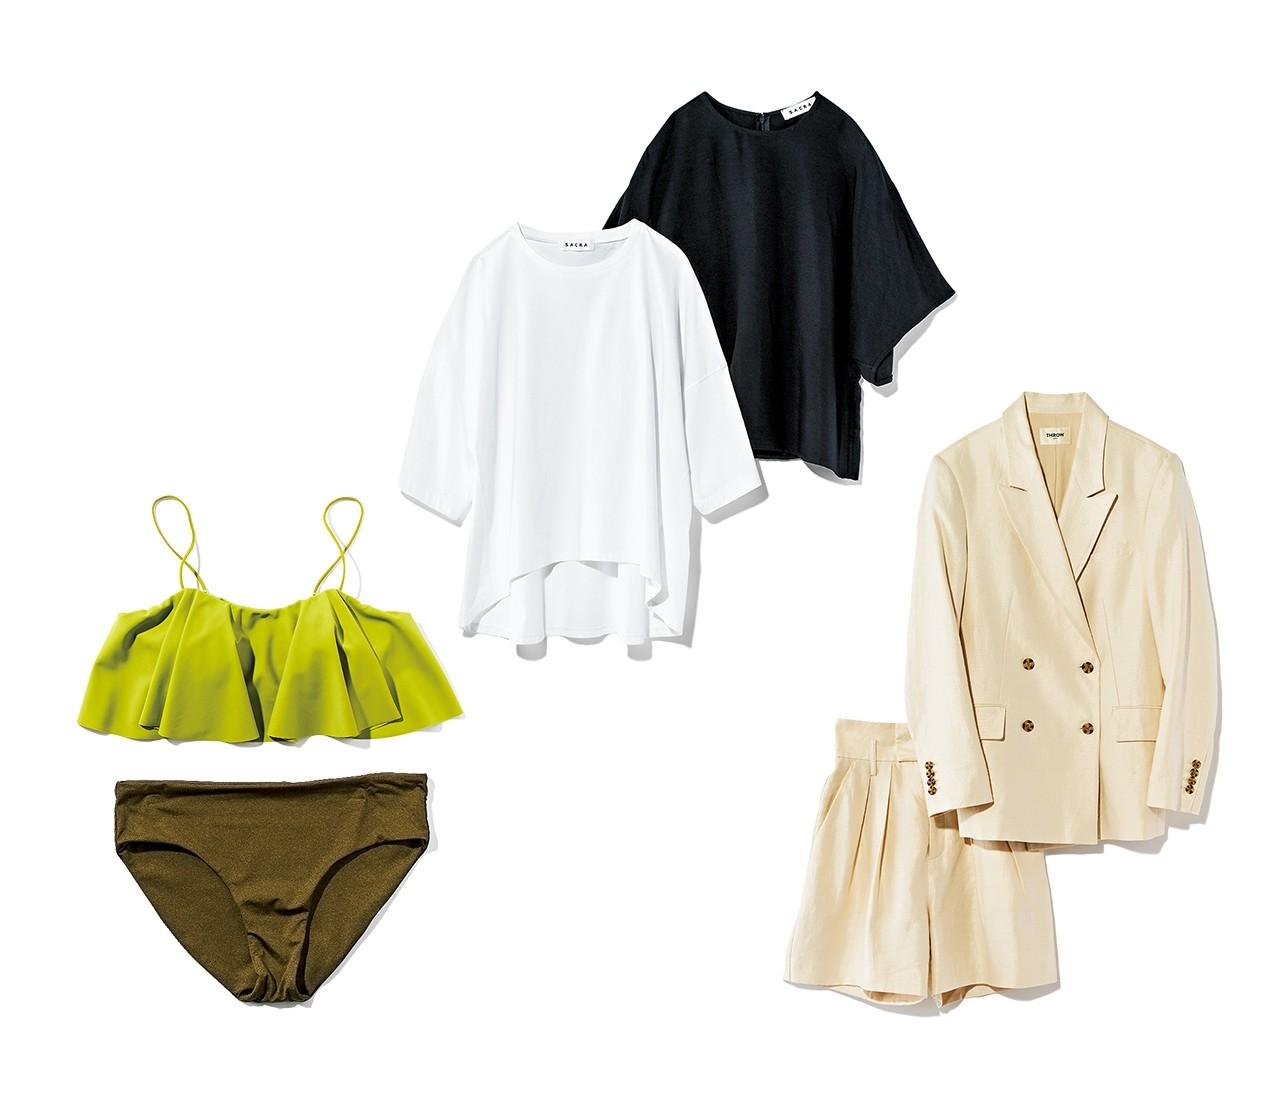 春から夏にかけてリアルに欲しい服はこれ!【今月のおしゃれニュース】